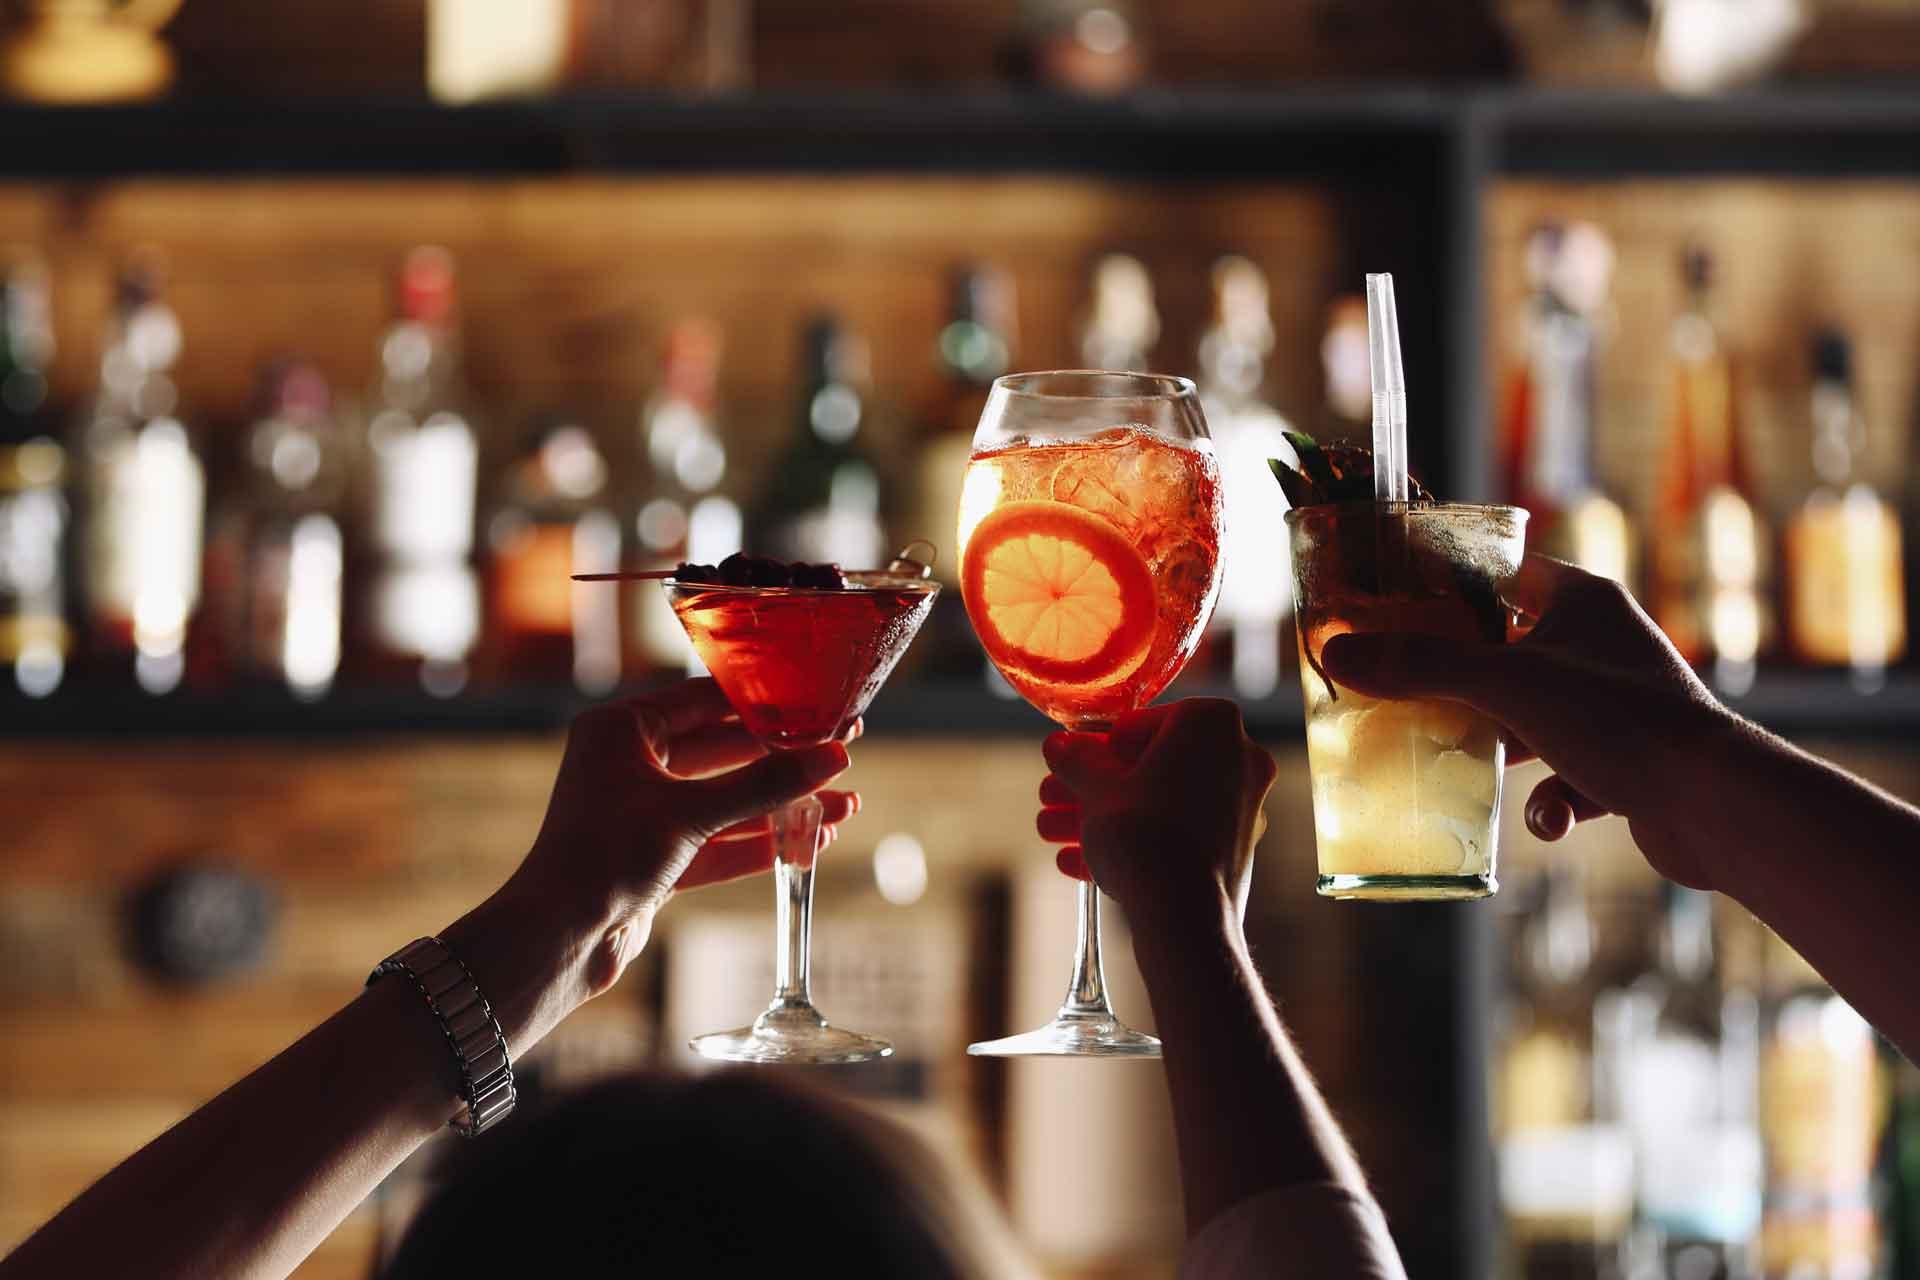 Bachelorette bar crawl party